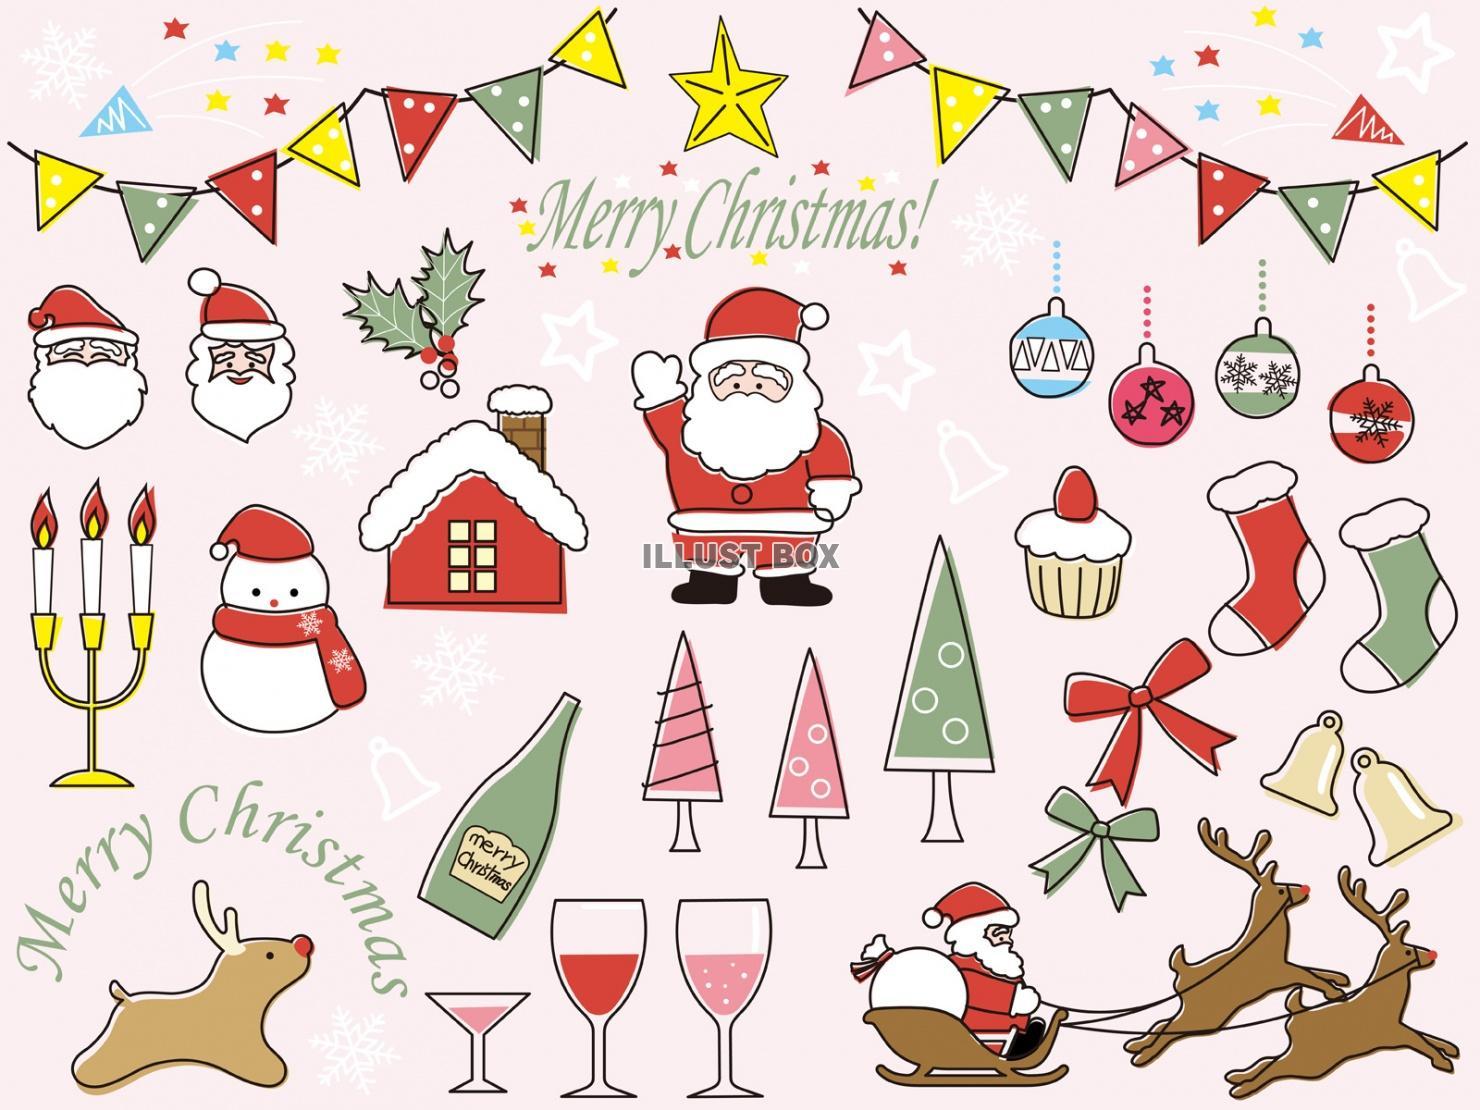 クリスマス イラスト 手書き かわいい , paintschainer